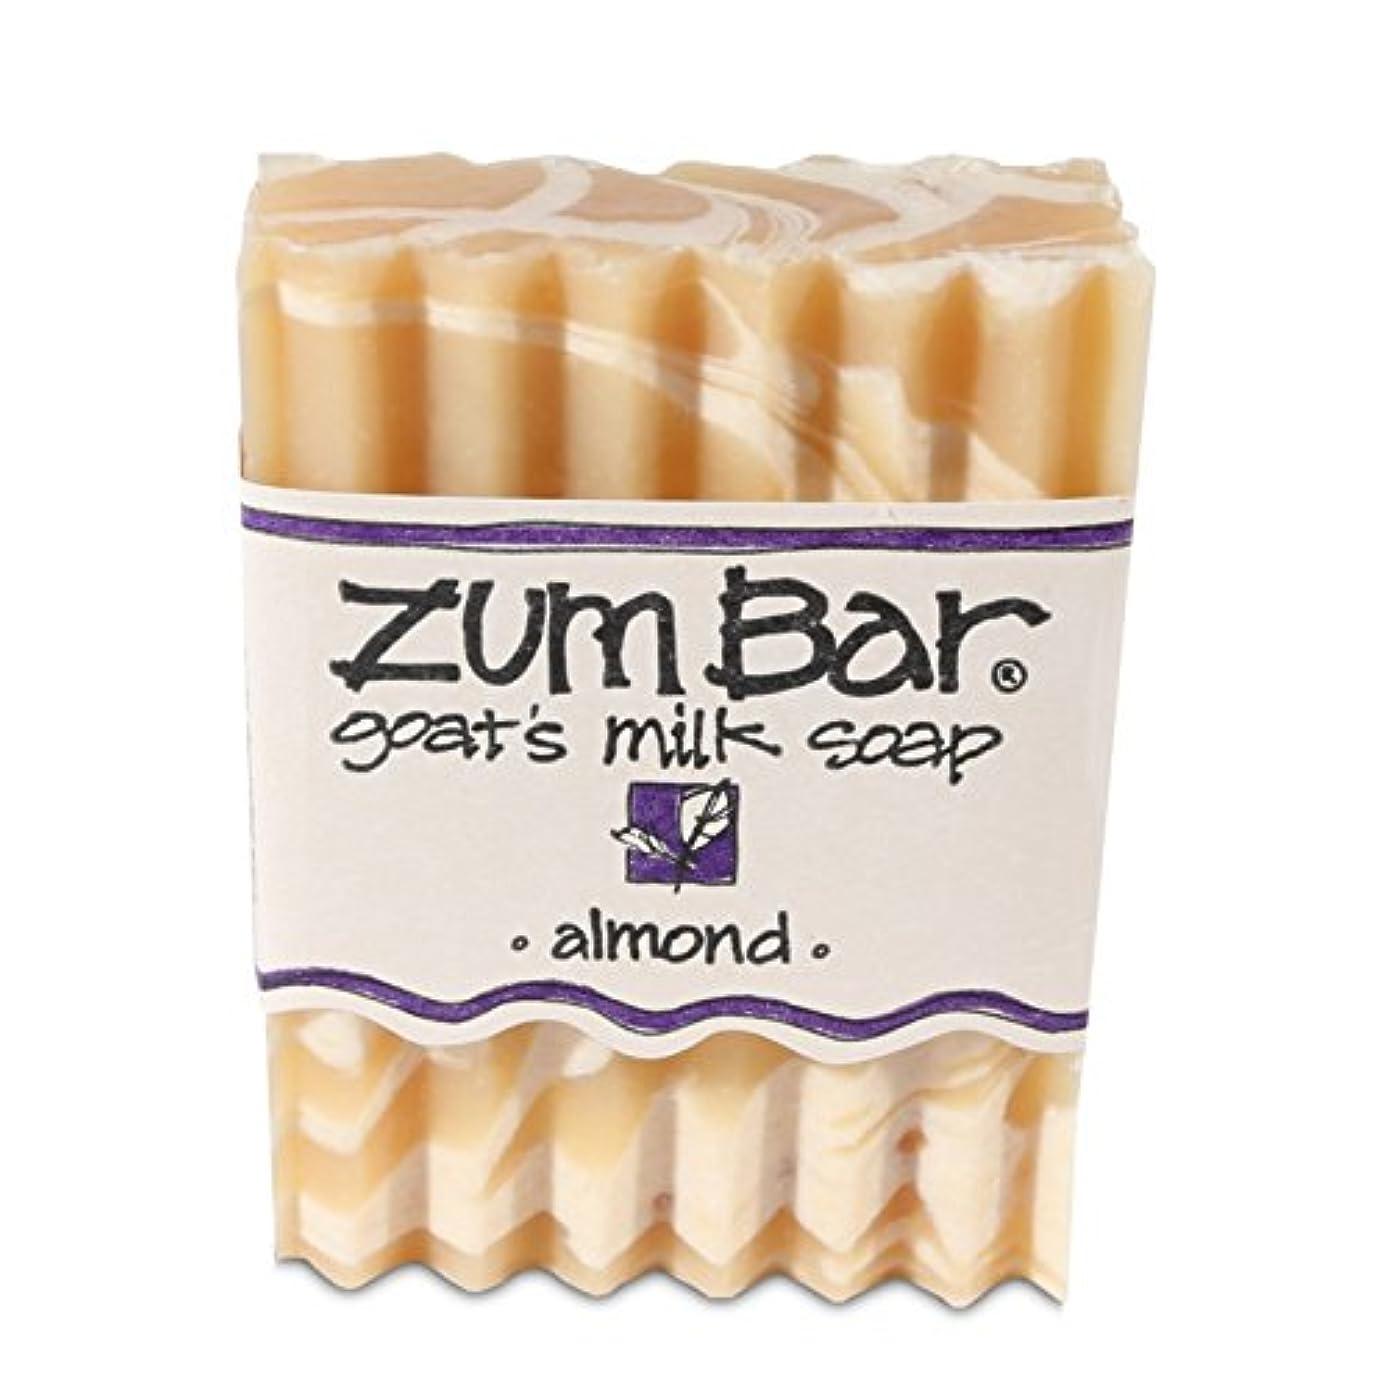 構造ディプロマあなたは海外直送品 Indigo Wild, Zum Bar, Goat's ミルク ソープ アーモンド , 3 Ounces (2個セット) (Almond) [並行輸入品]